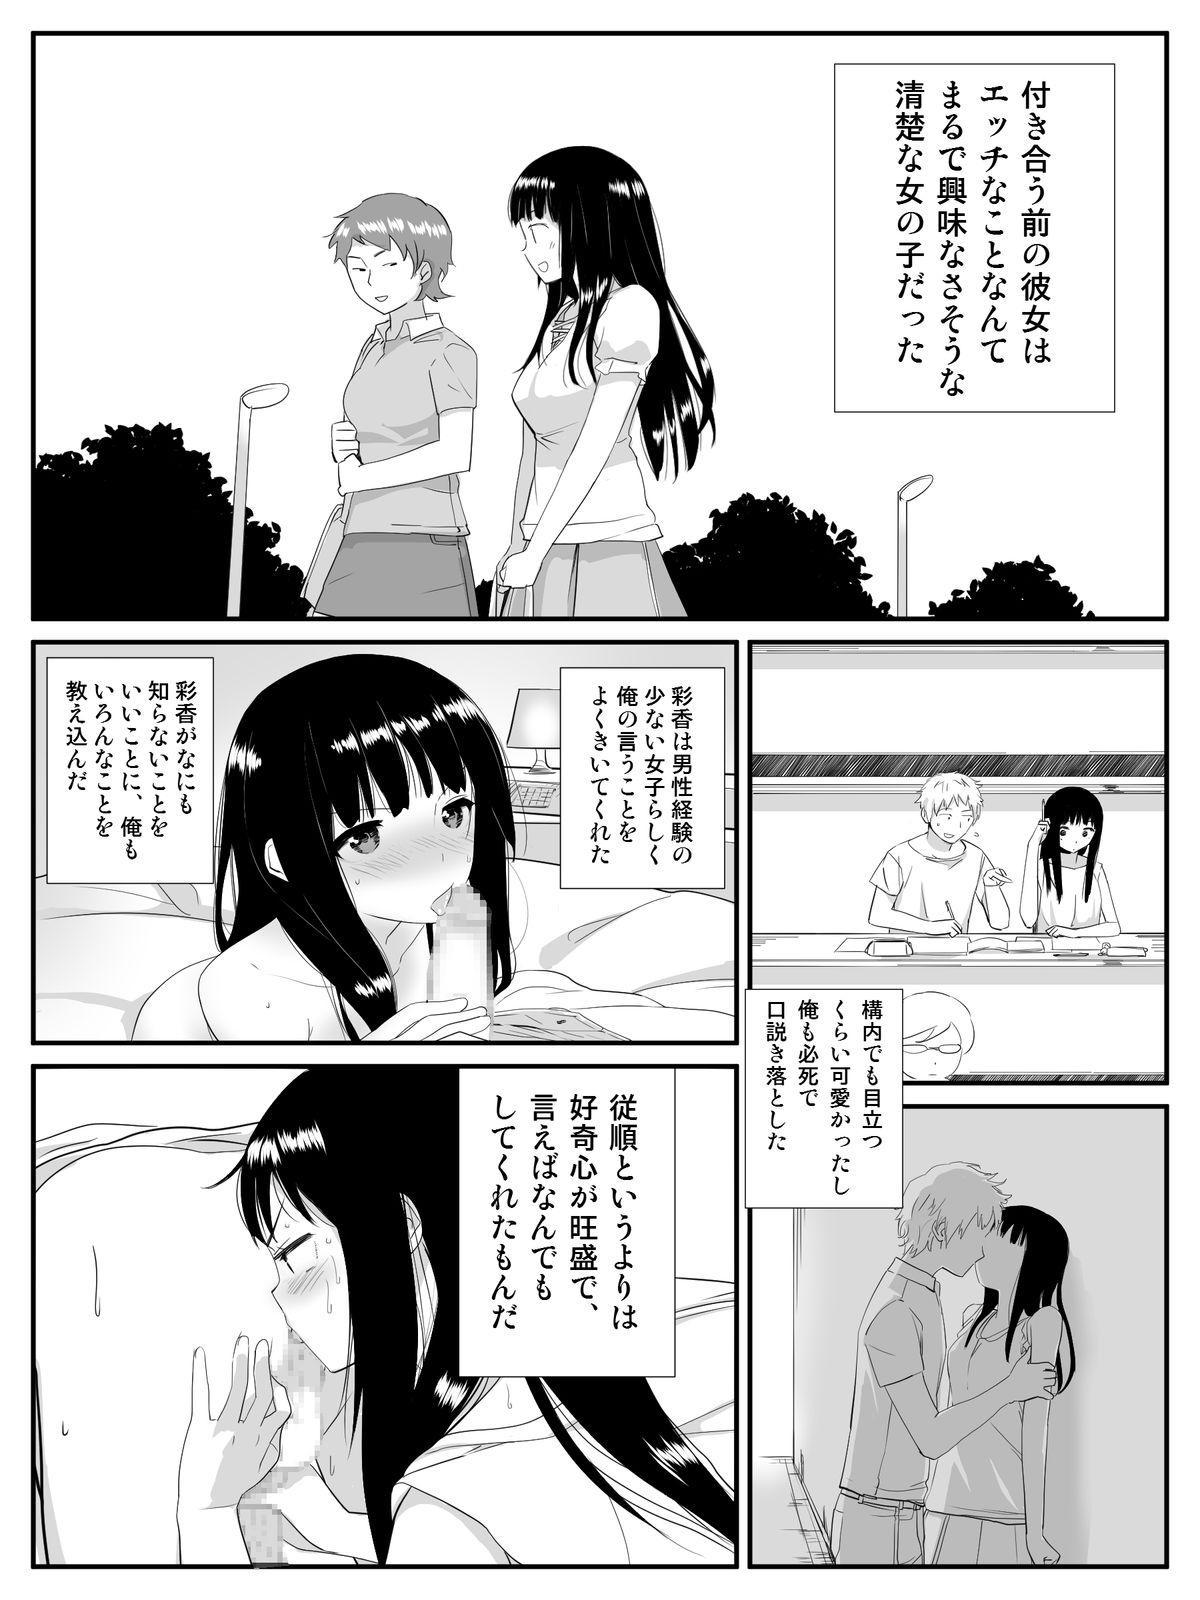 Ore ga Saiai no Kanojo ni Nyoudou wo Hiru de Okasareta Toki no Hanashi 6